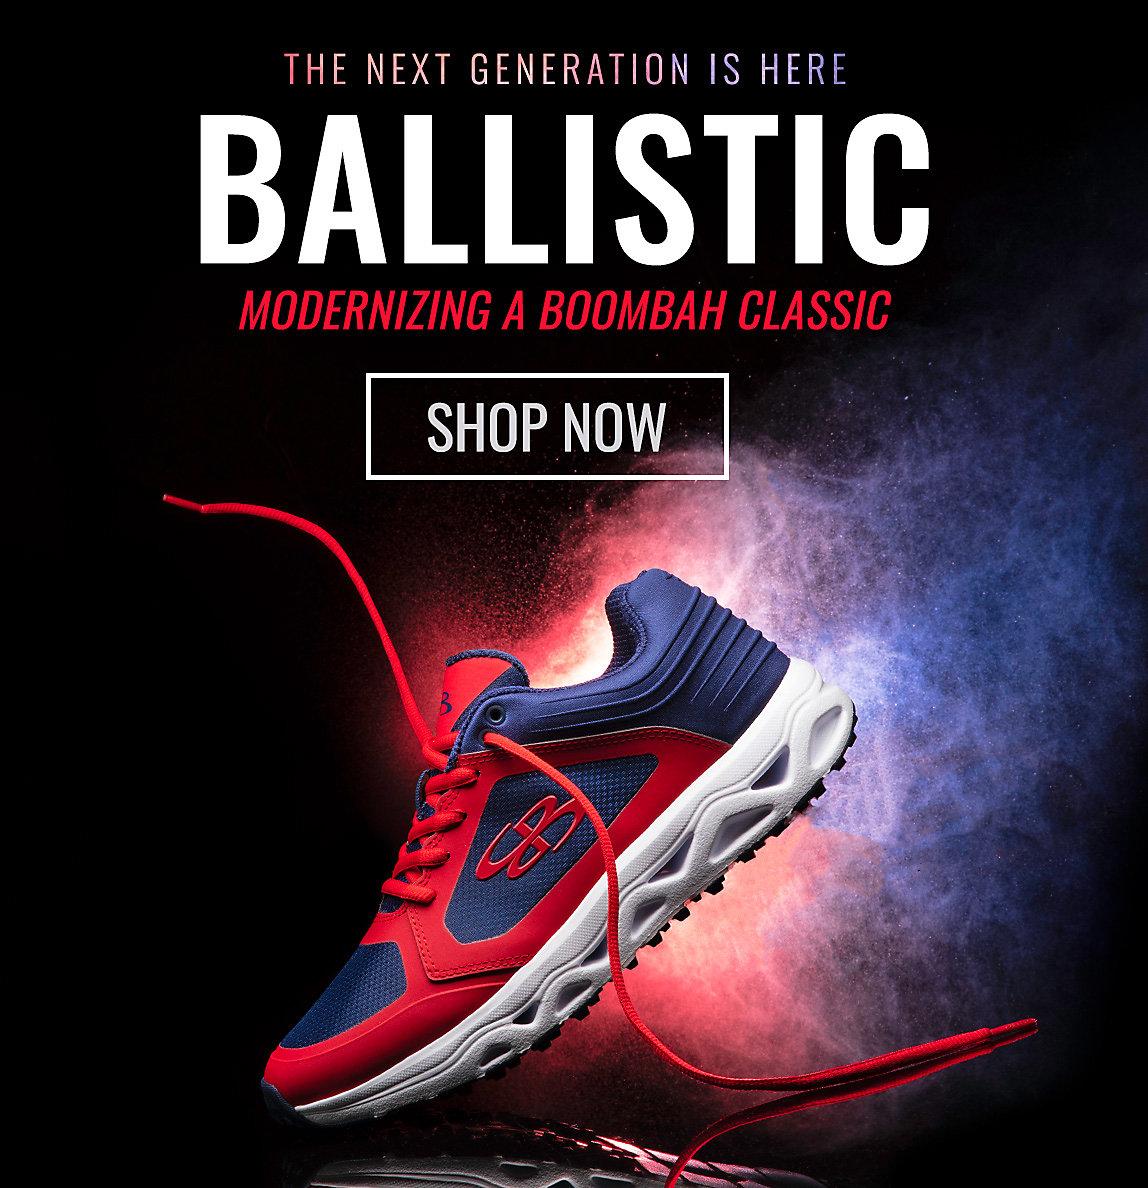 Ballistic - Shop Now